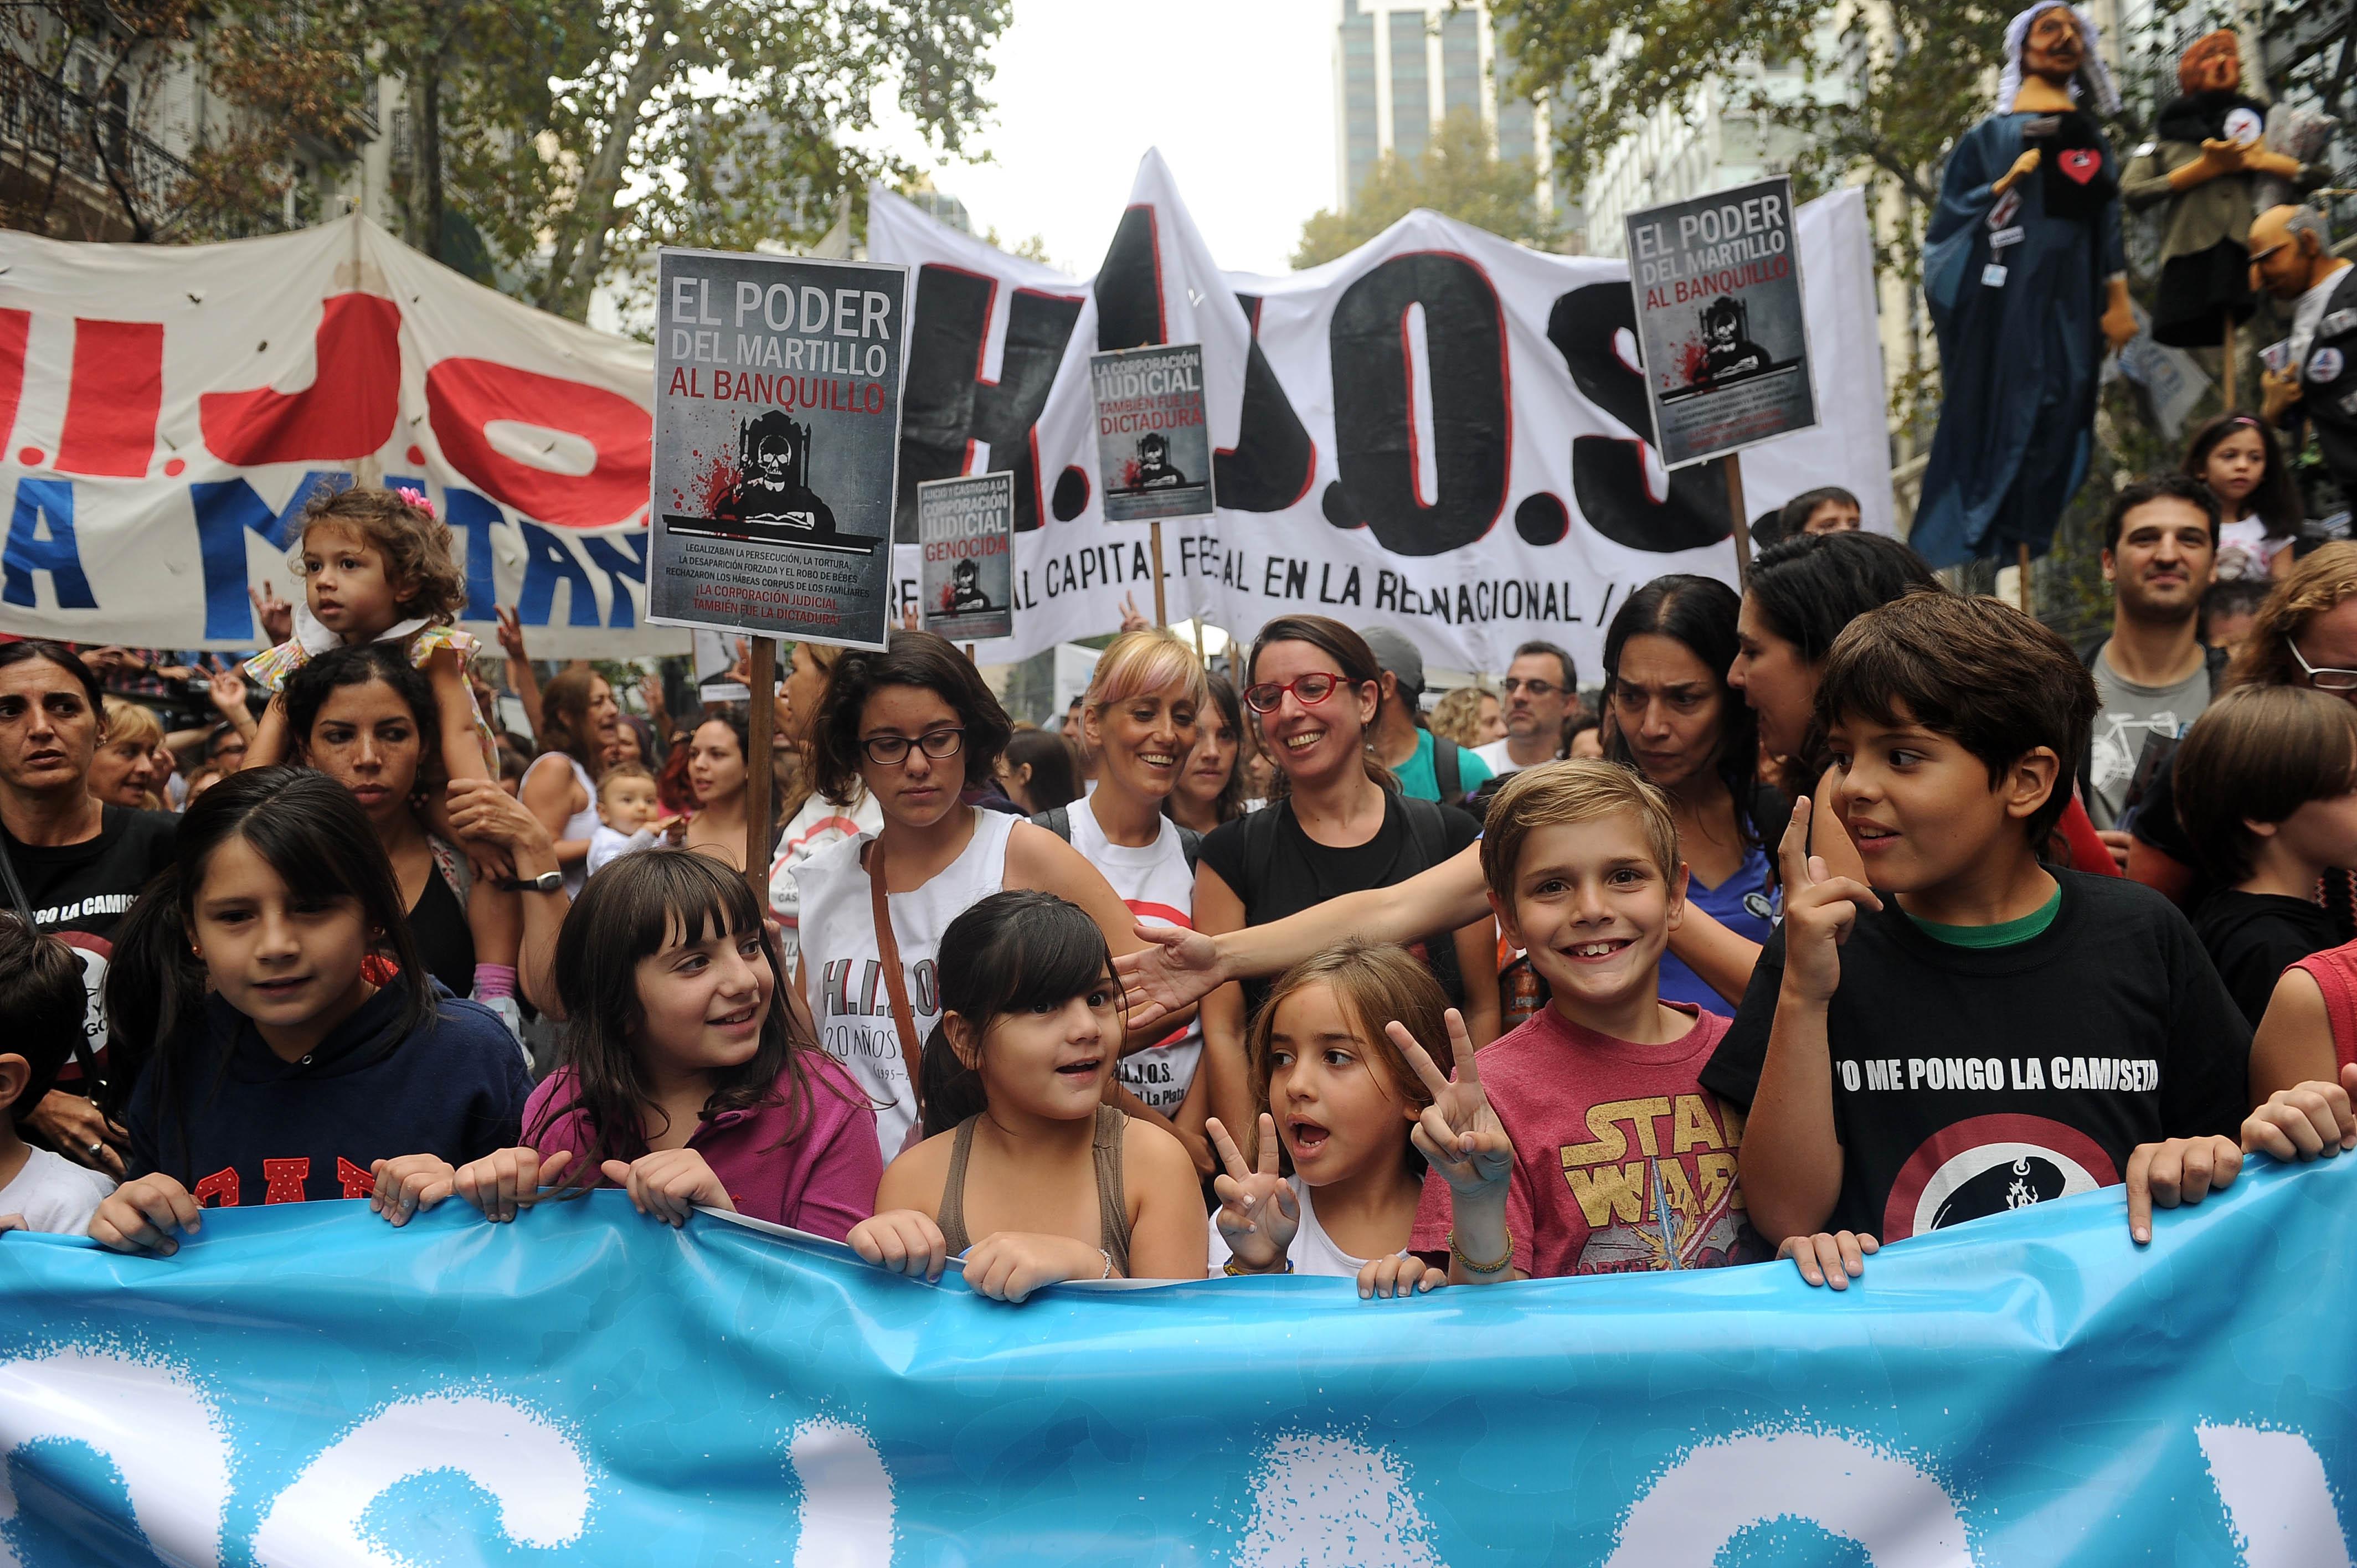 24-03-2015_buenos_aires_organizaciones_de_derechos10